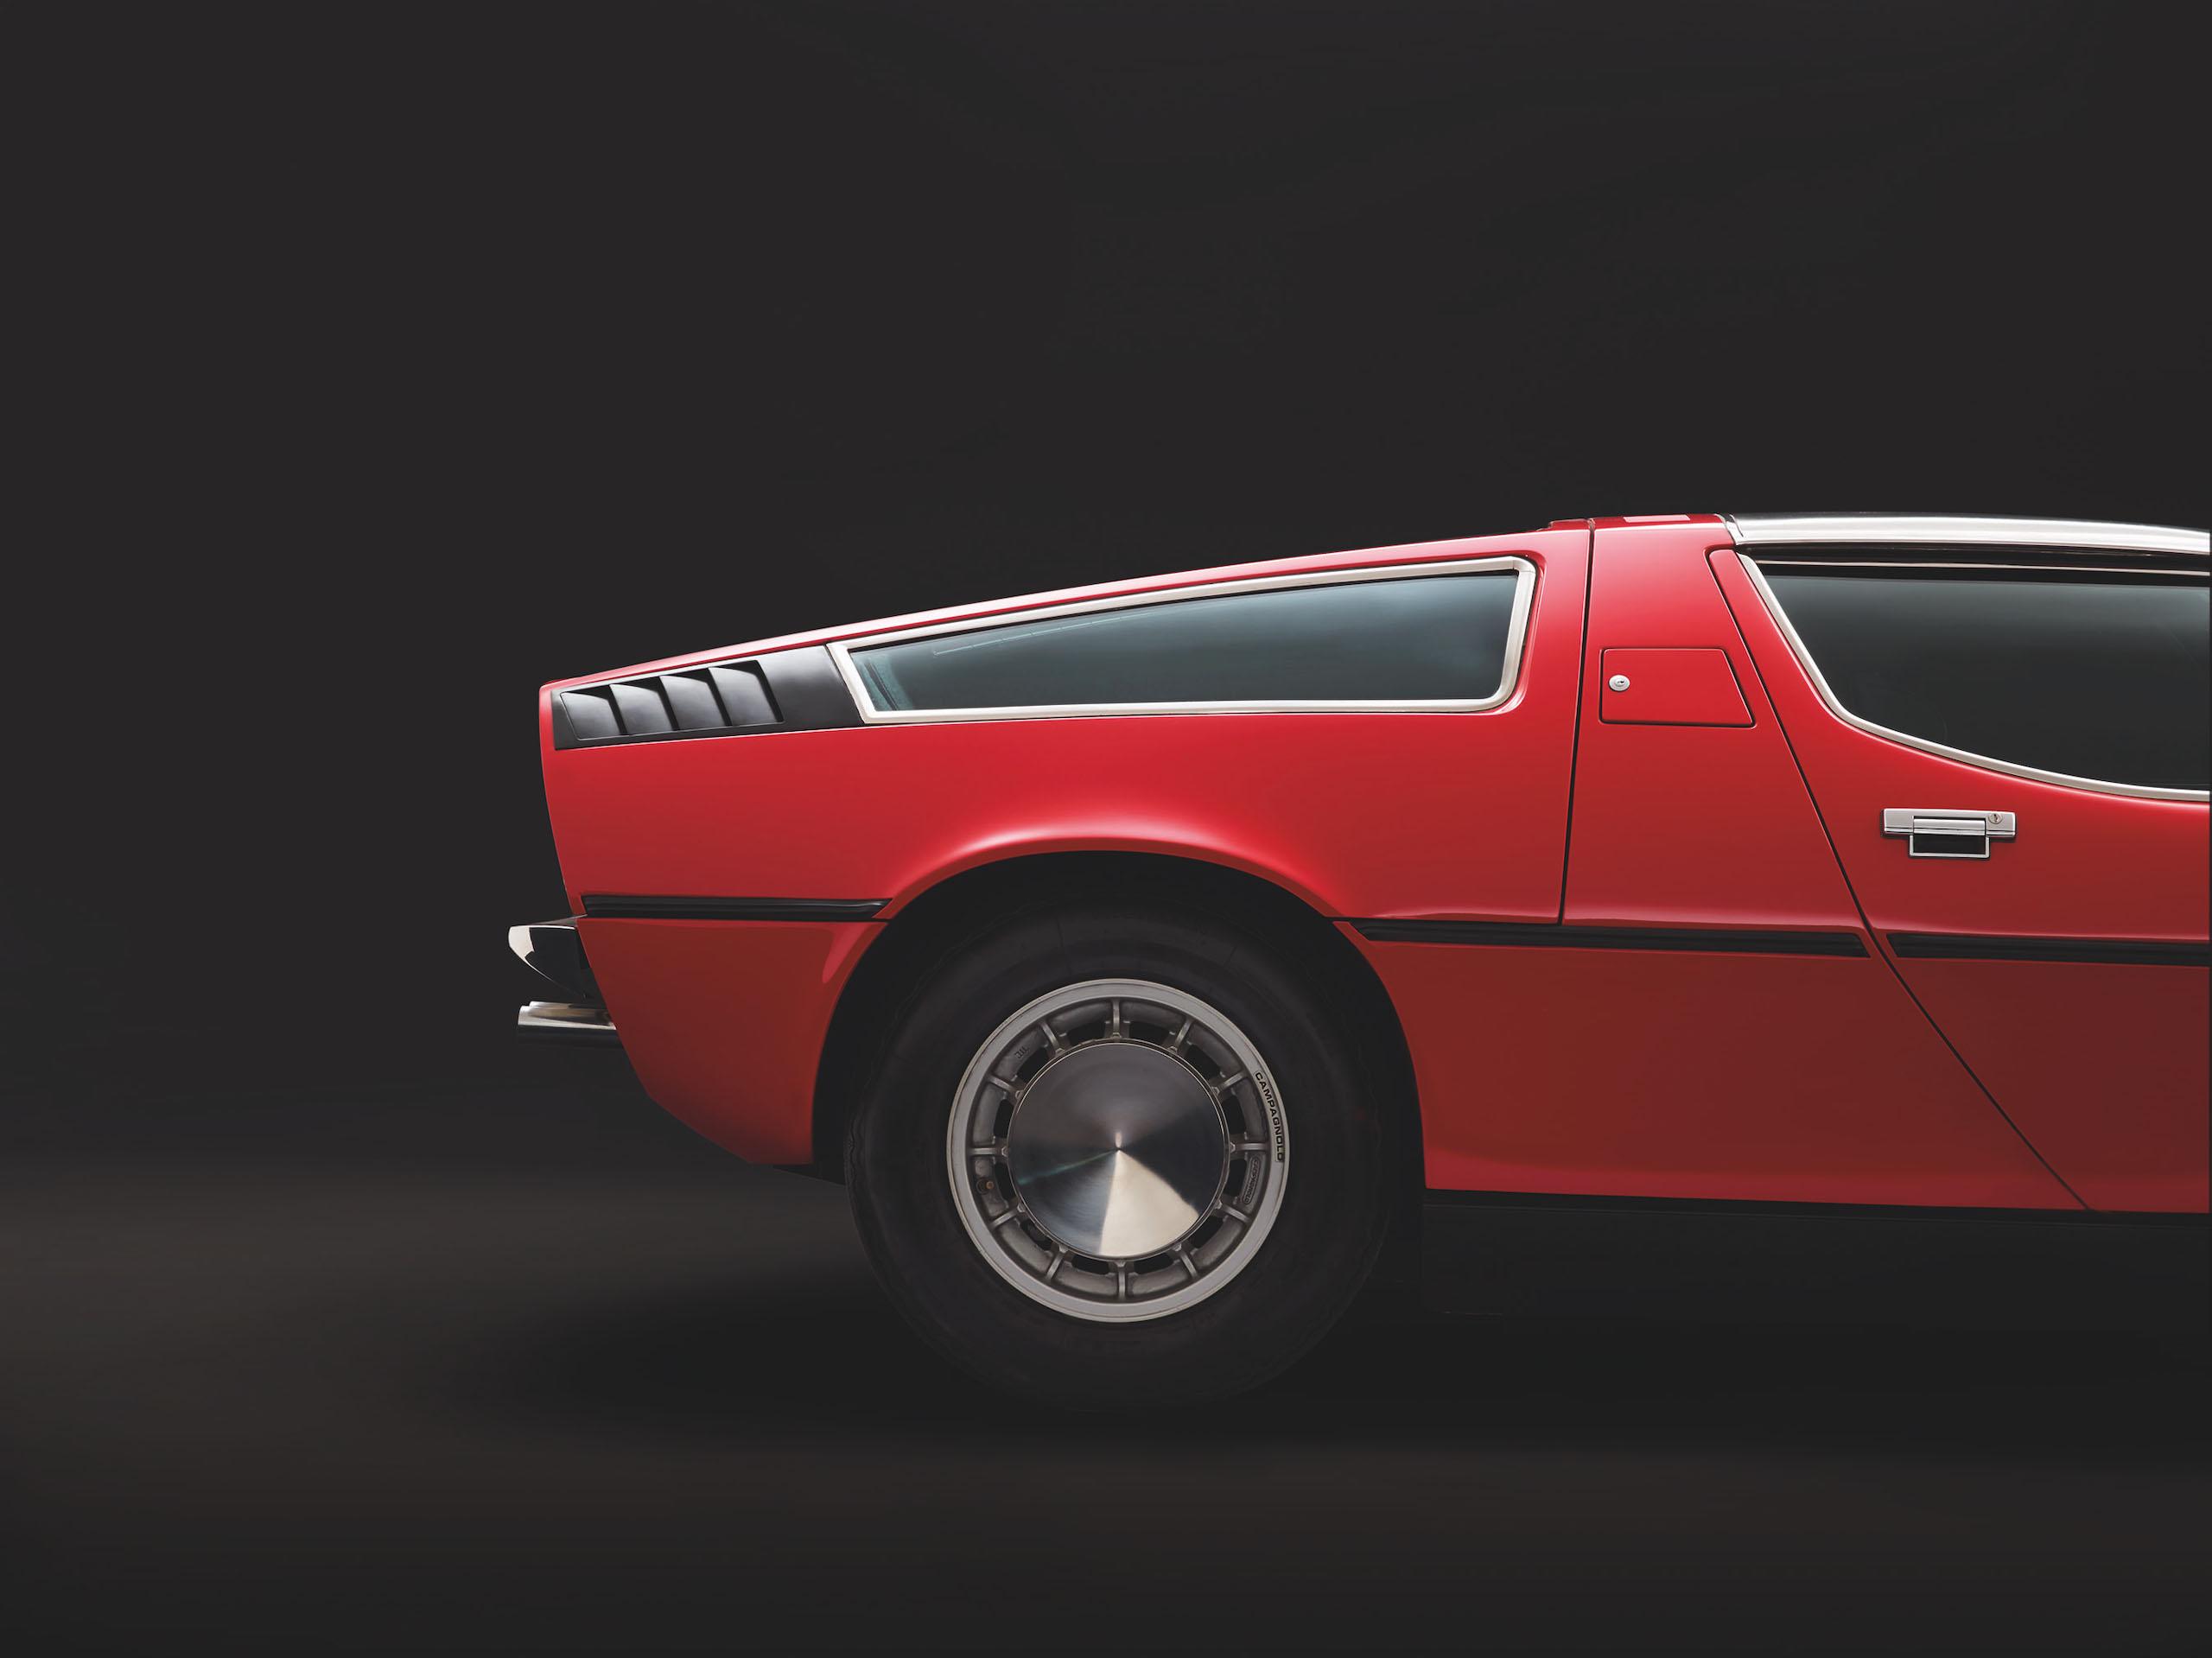 Maserati Bora rear side profile fascia